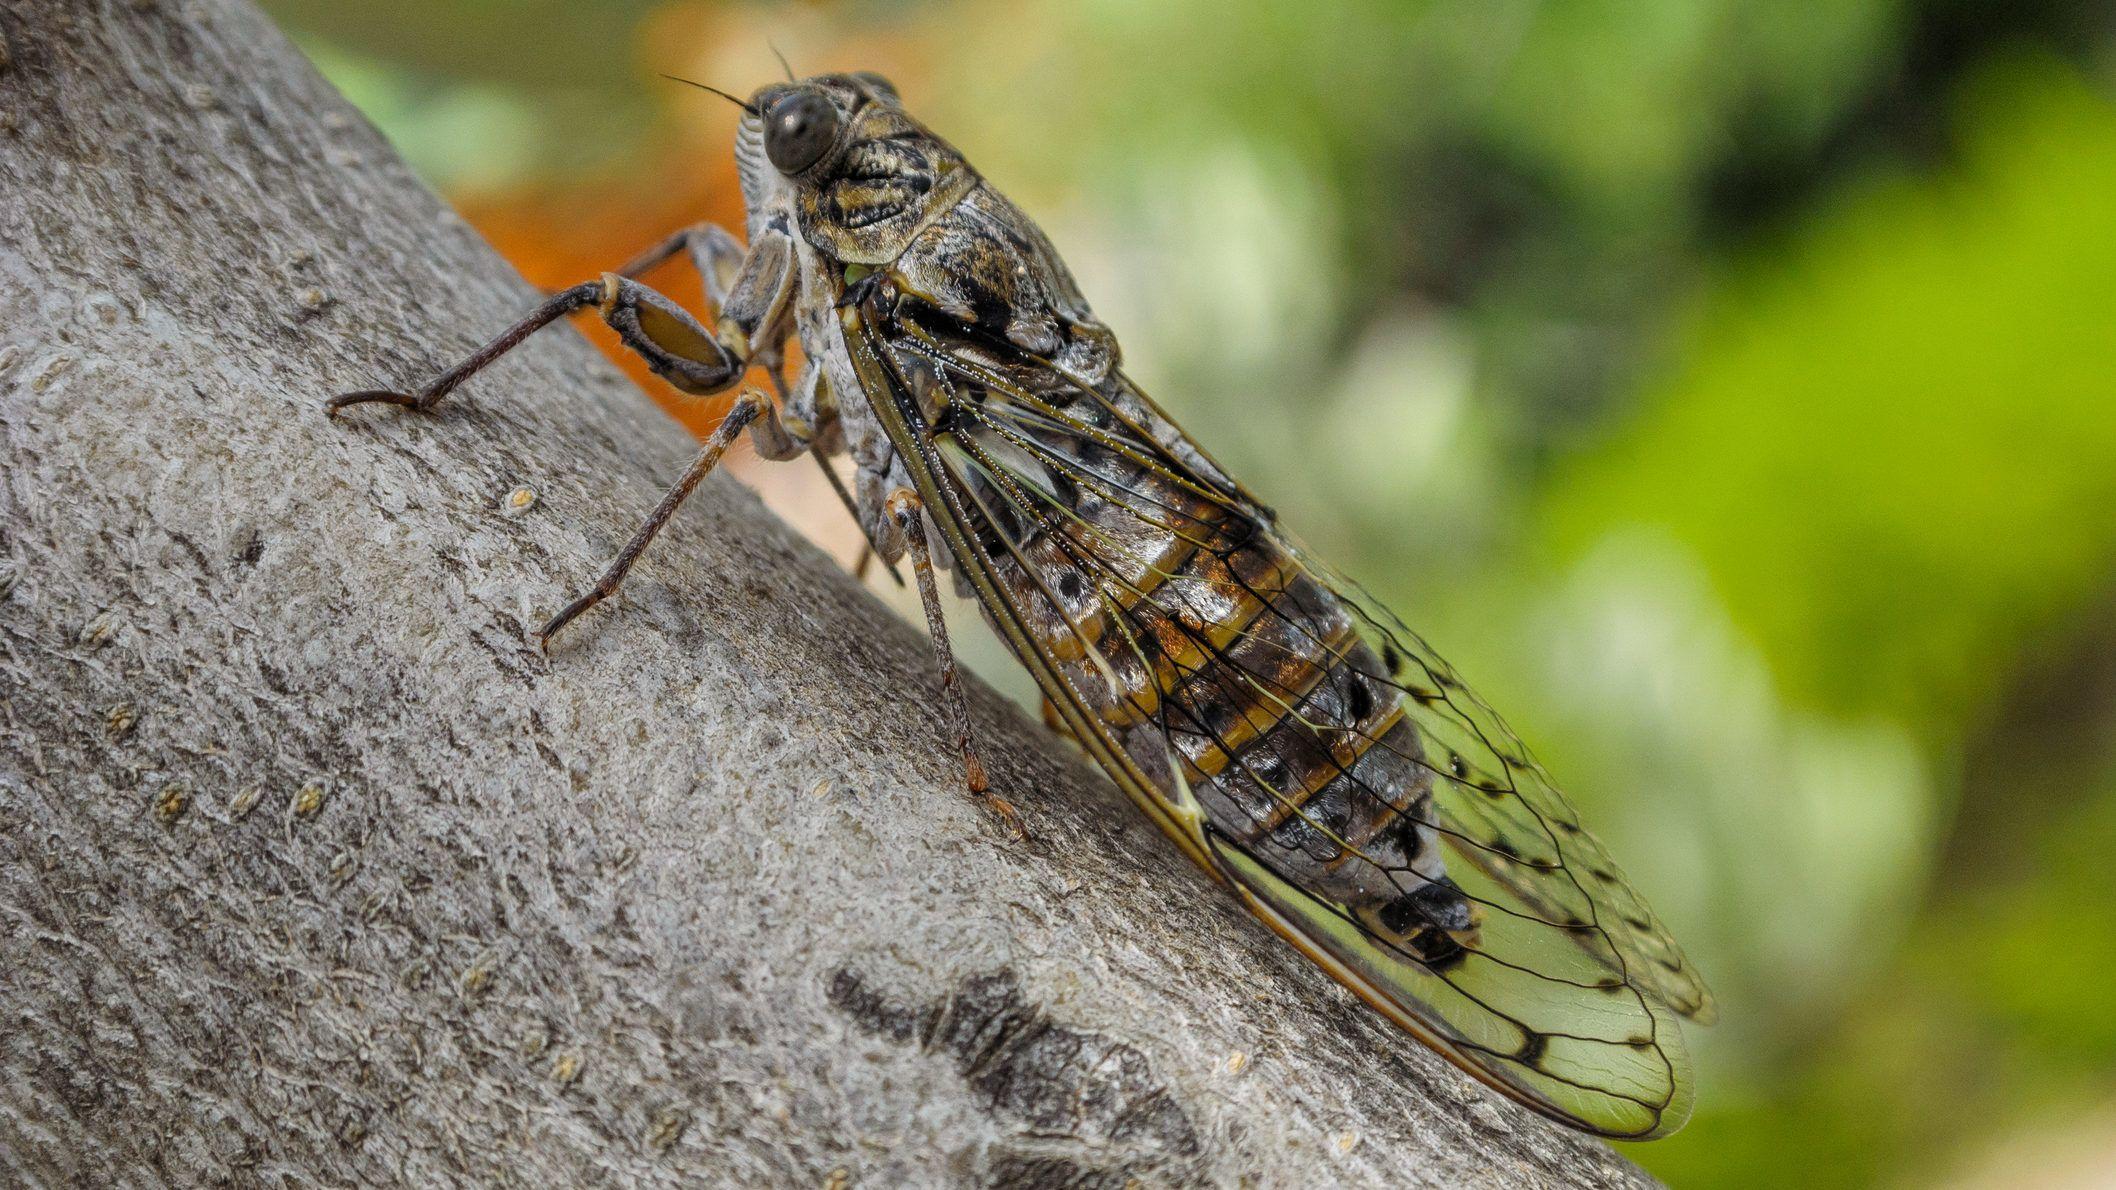 Sokkal durvábban teszi zombivá a hangyákat a parazita gomba, mint ahogy eddig sejtettük